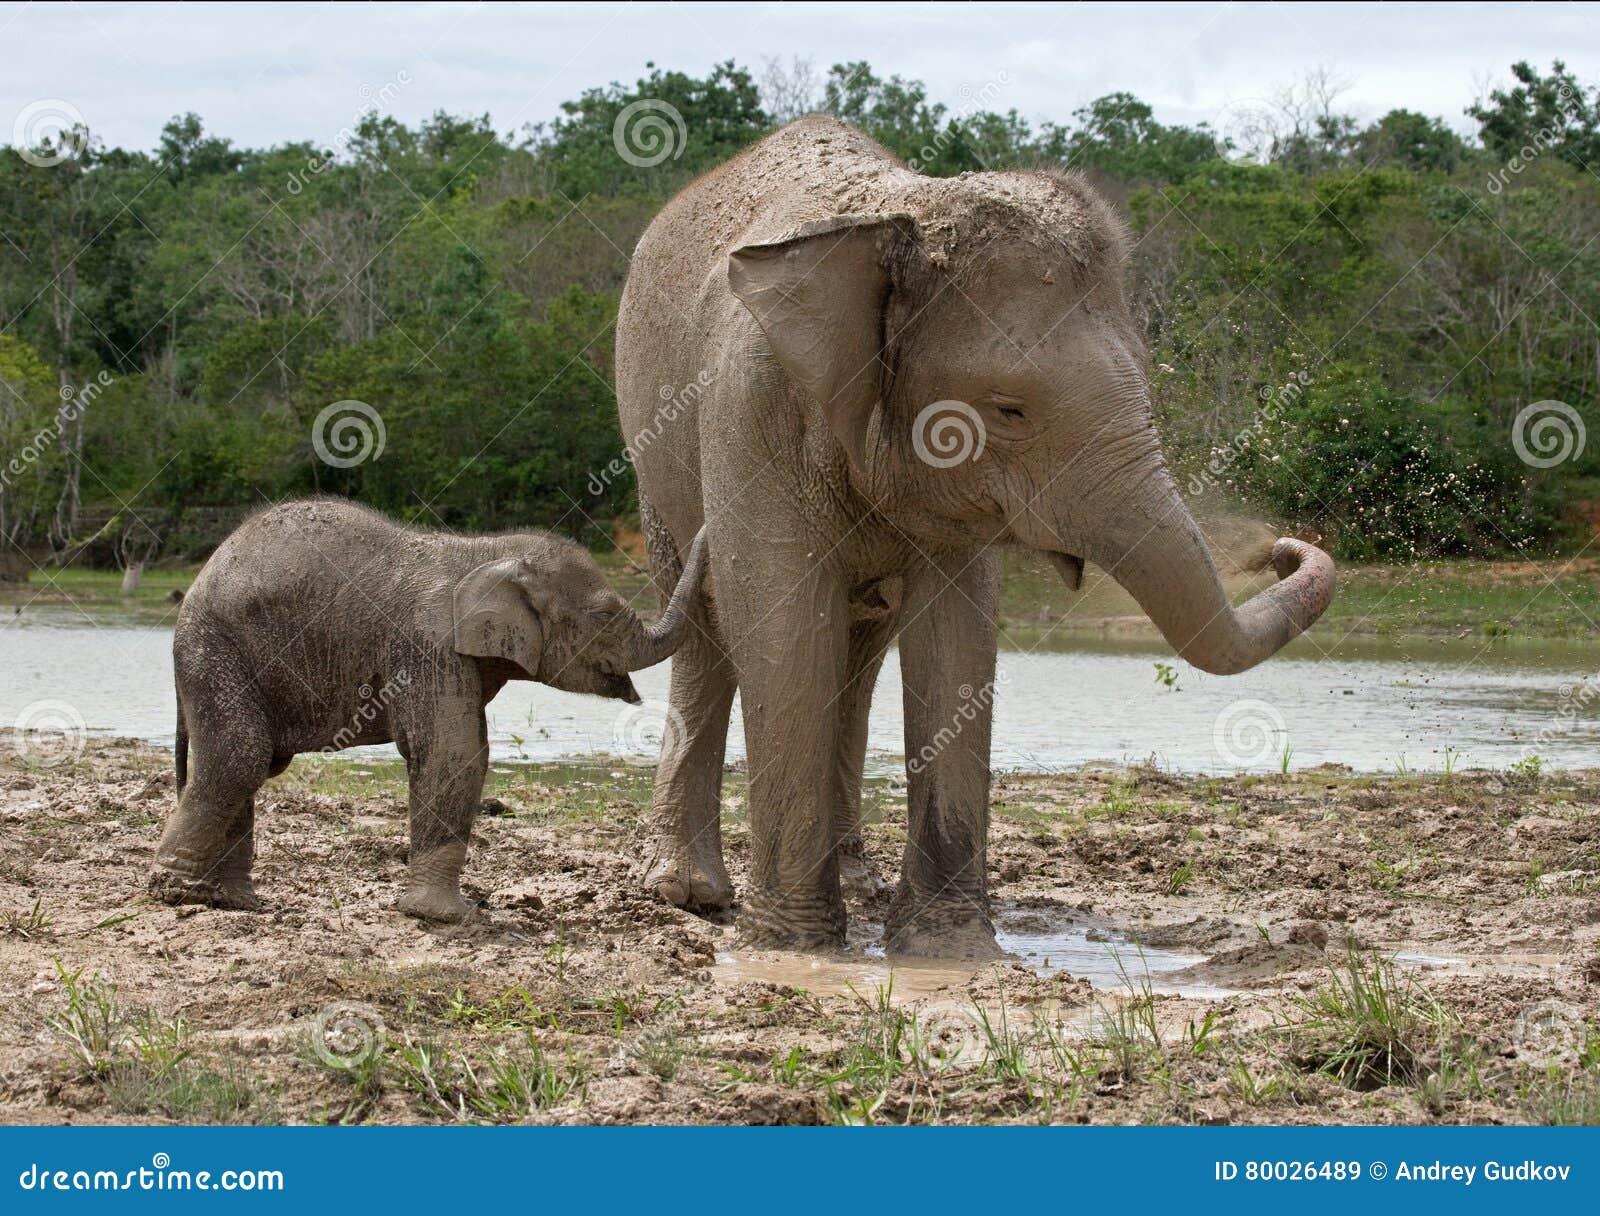 Baby with mum of the Asian elephant. Indonesia. Sumatra. Way Kambas National Park.